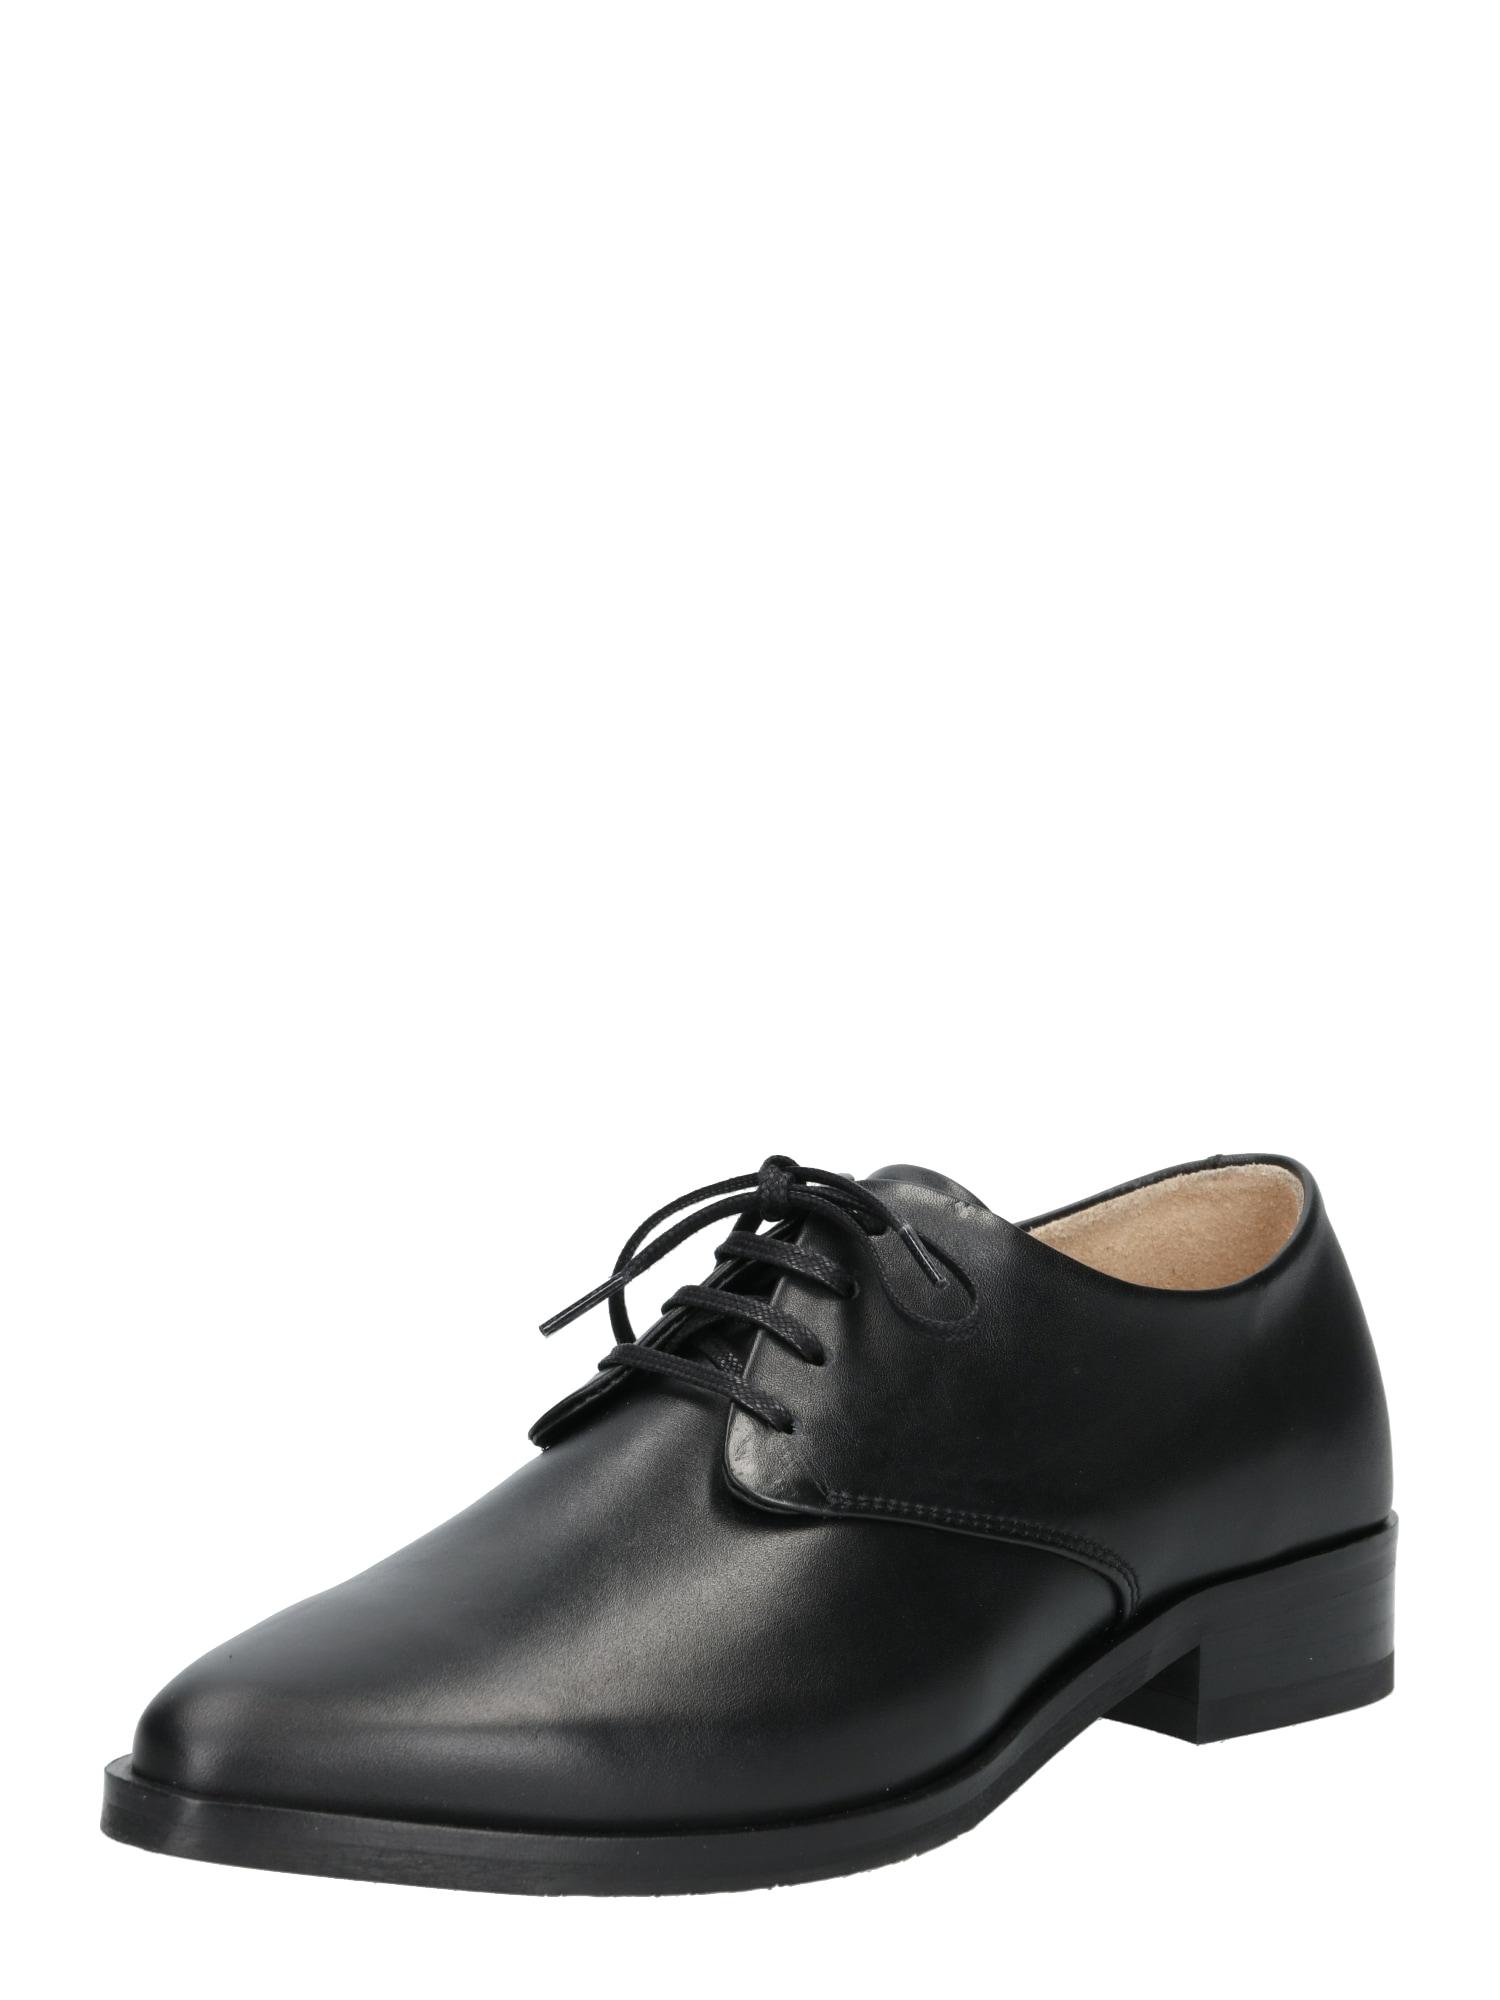 Šněrovací boty Prime Derby černá ROYAL REPUBLIQ